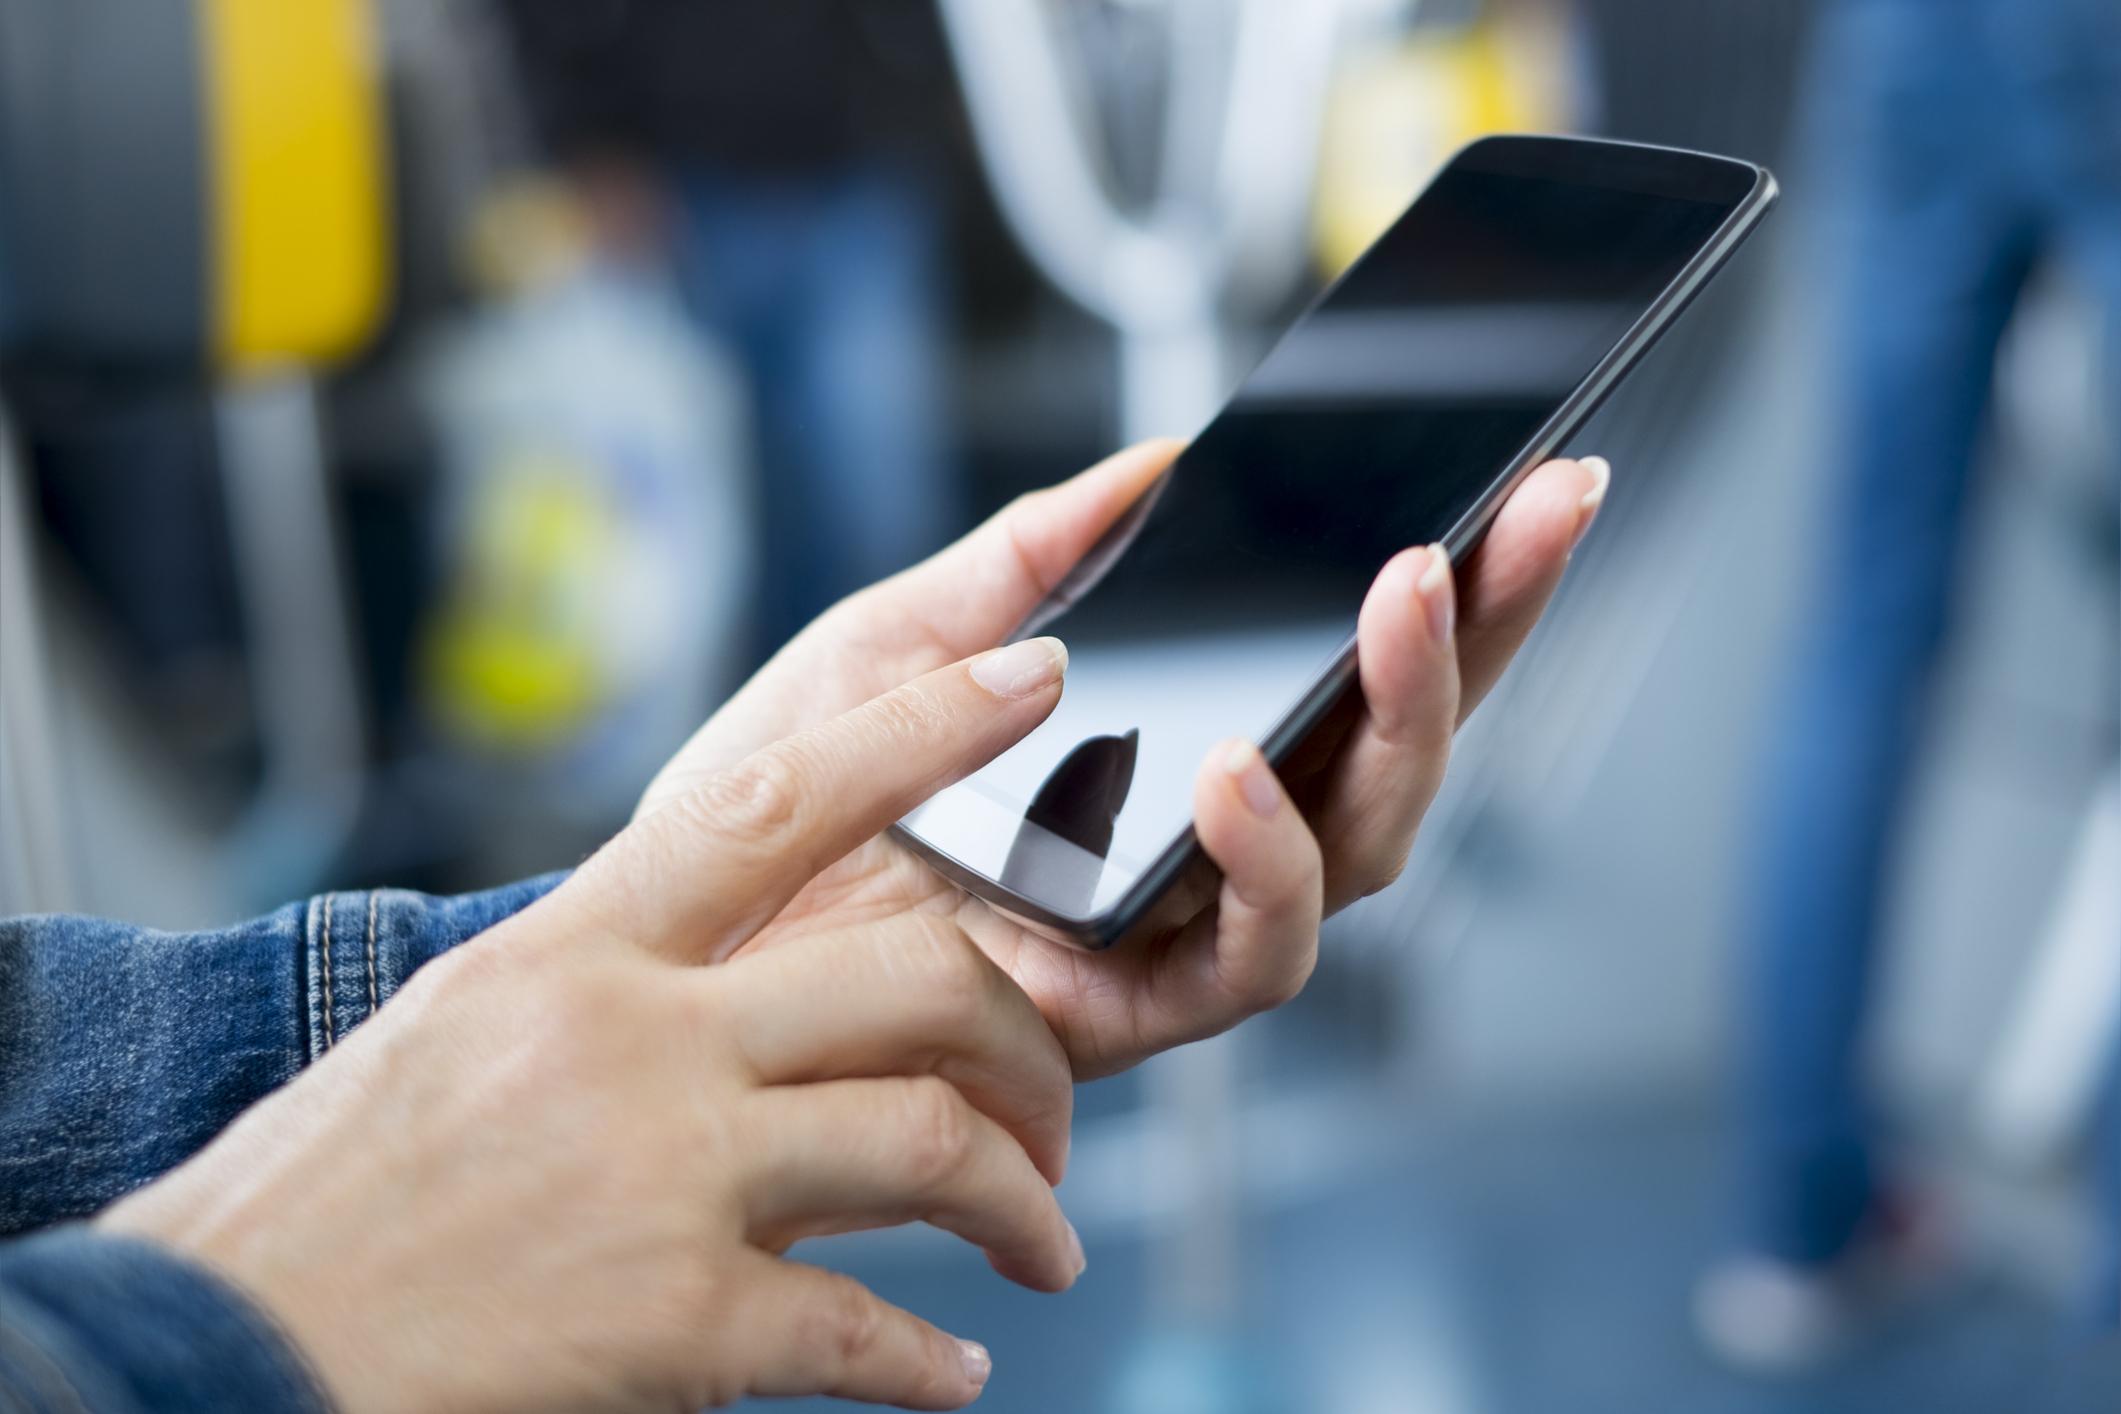 рядышком картинки с мобильными хорошо